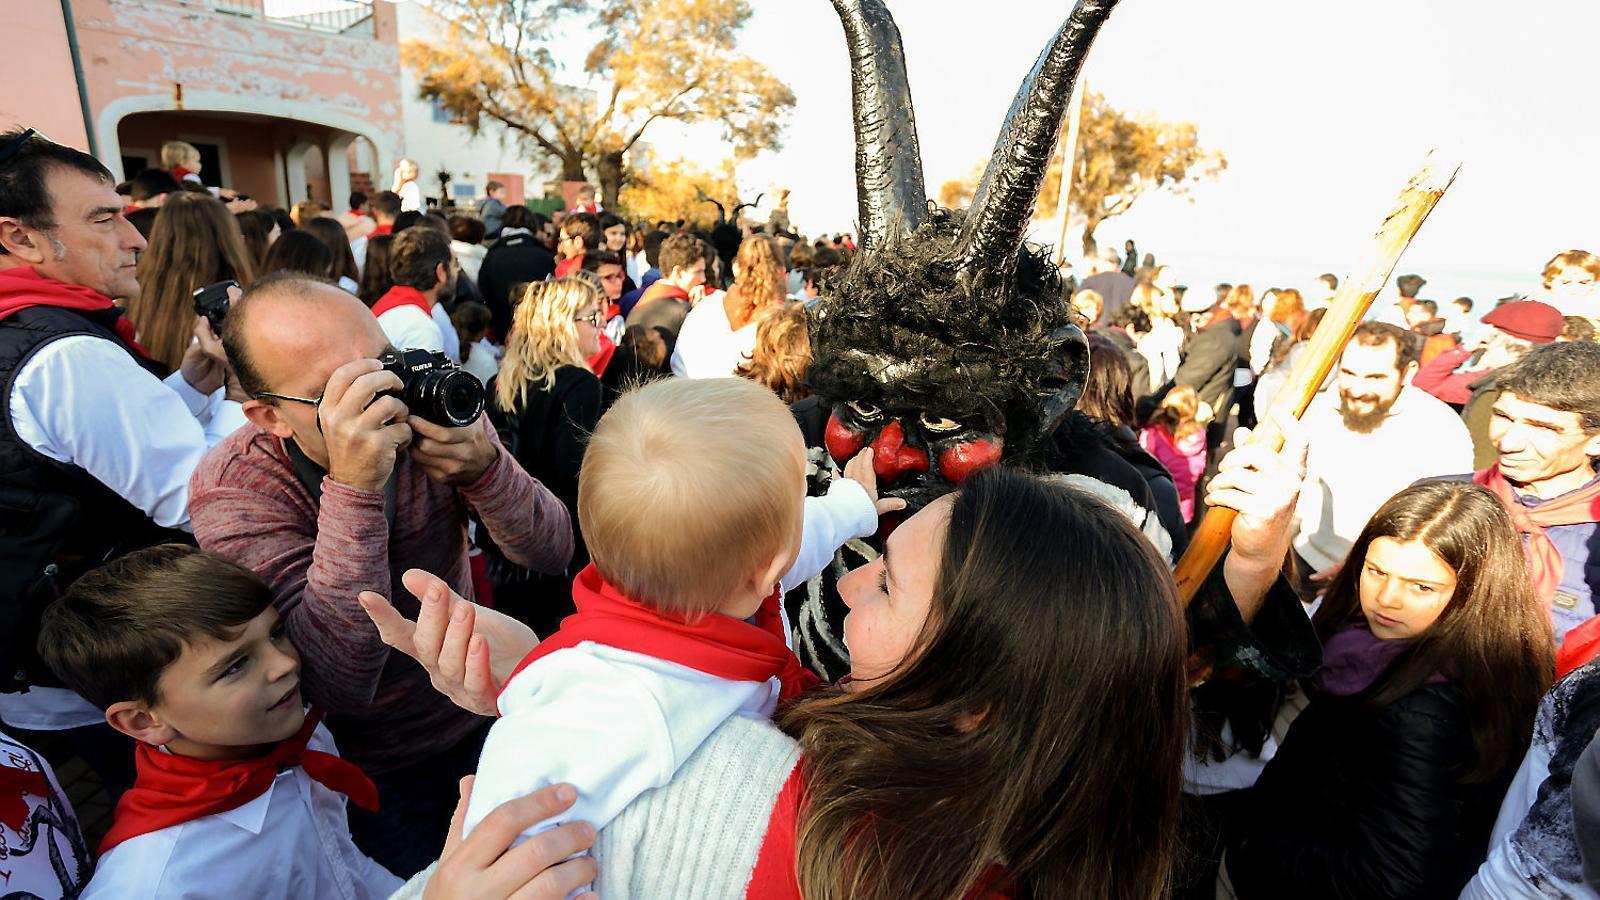 CELEBRACIÓ  El Sant Antoni colonier té lloc el cap de setmana següent a la celebració artanenca, que com tothom sap   és una de les més sonades i justament reconegudes de Mallorca.